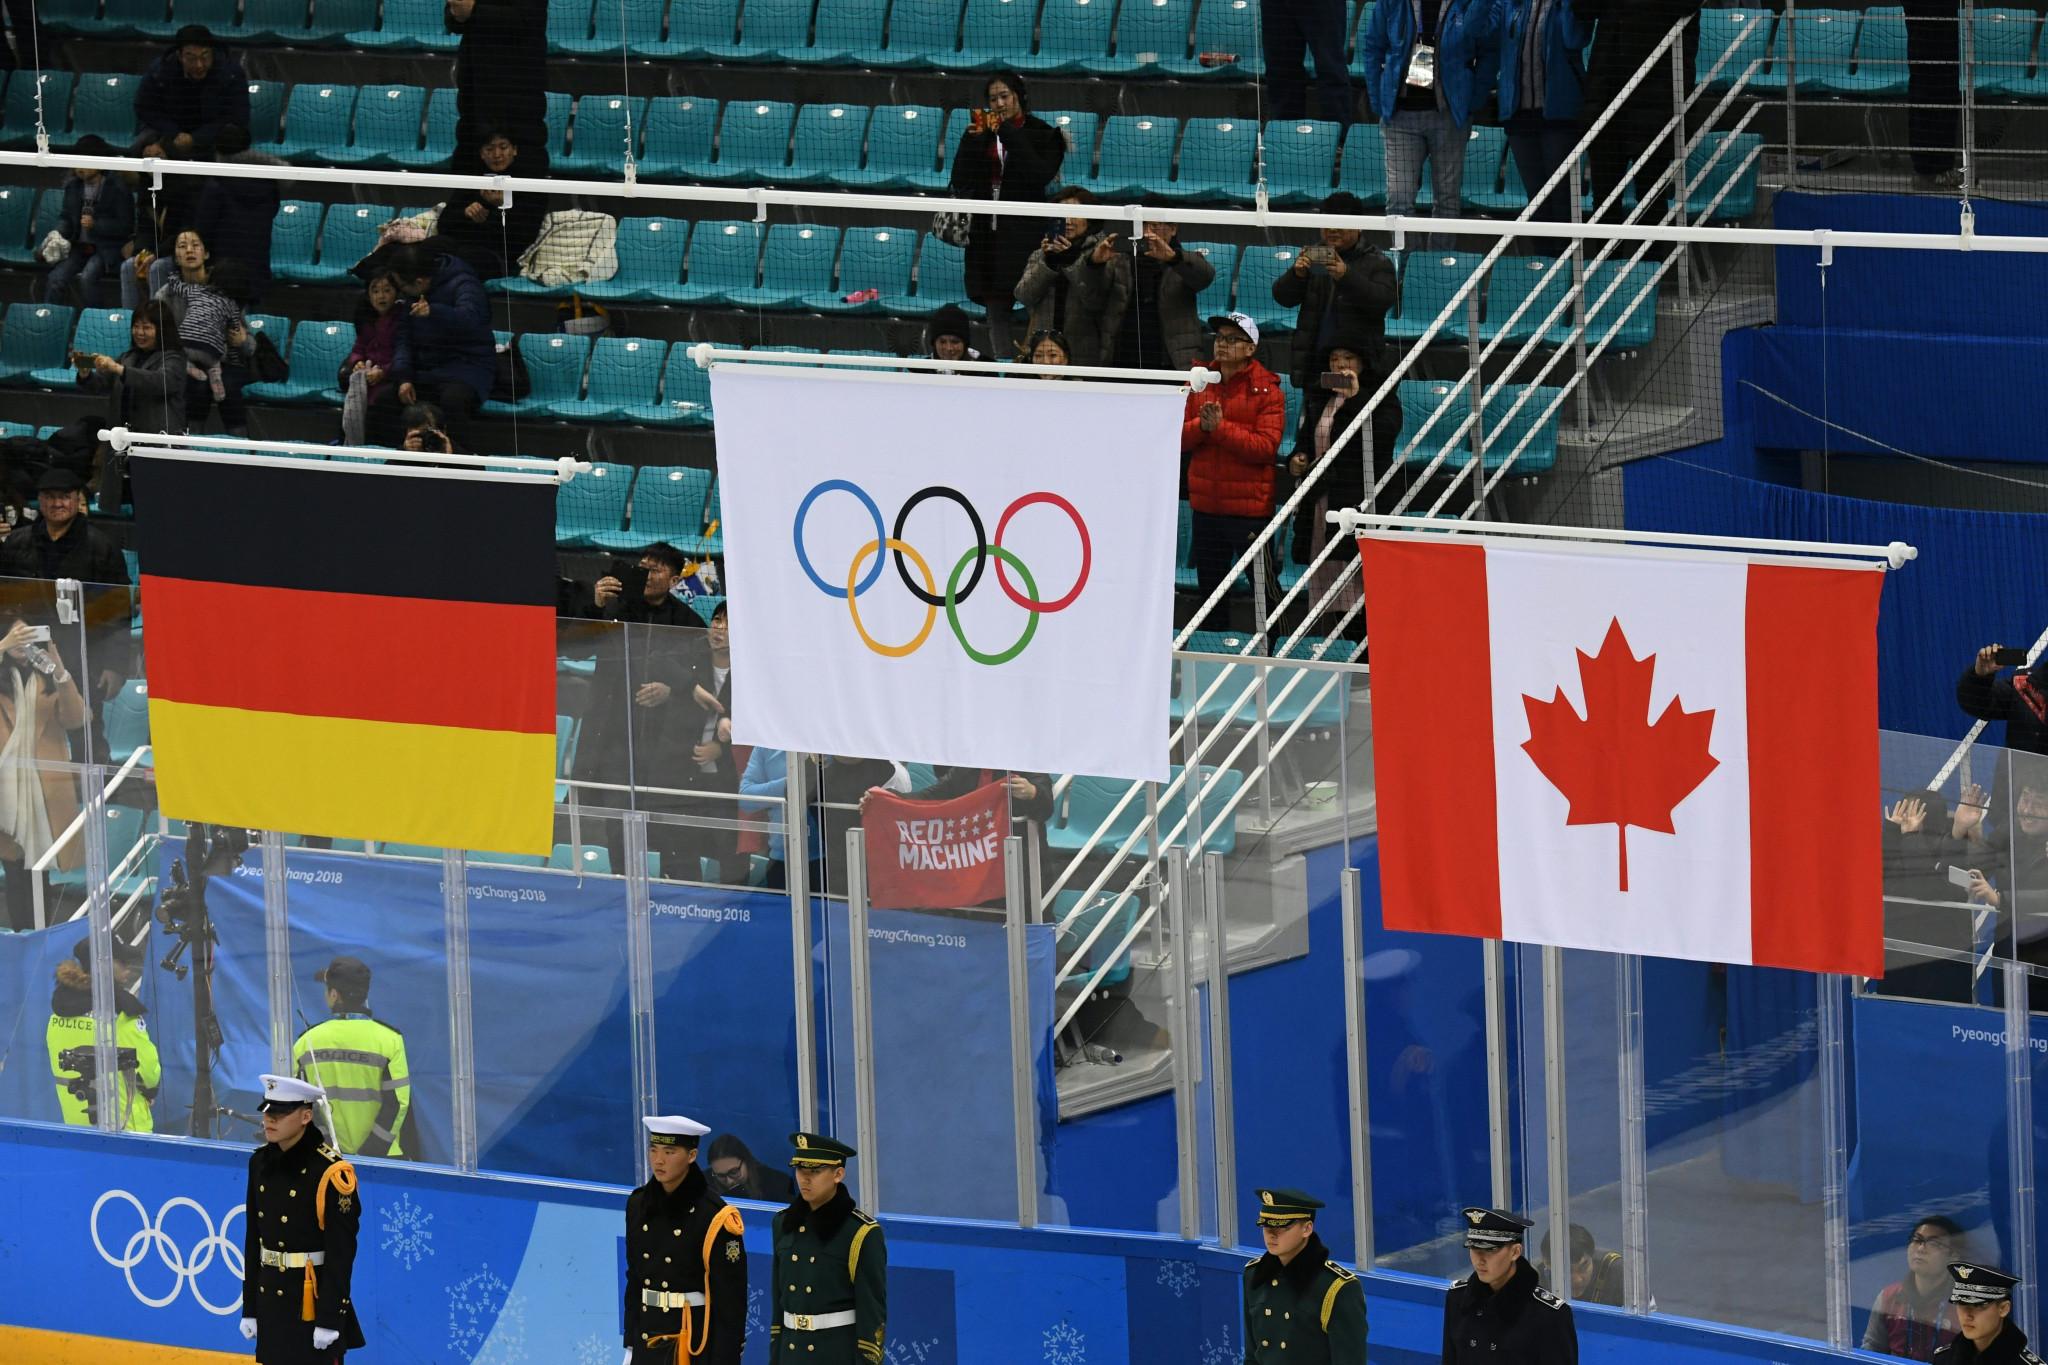 Comisión de Atletas sugiere que reemplacen himno nacional ruso en Juegos Olímpicos